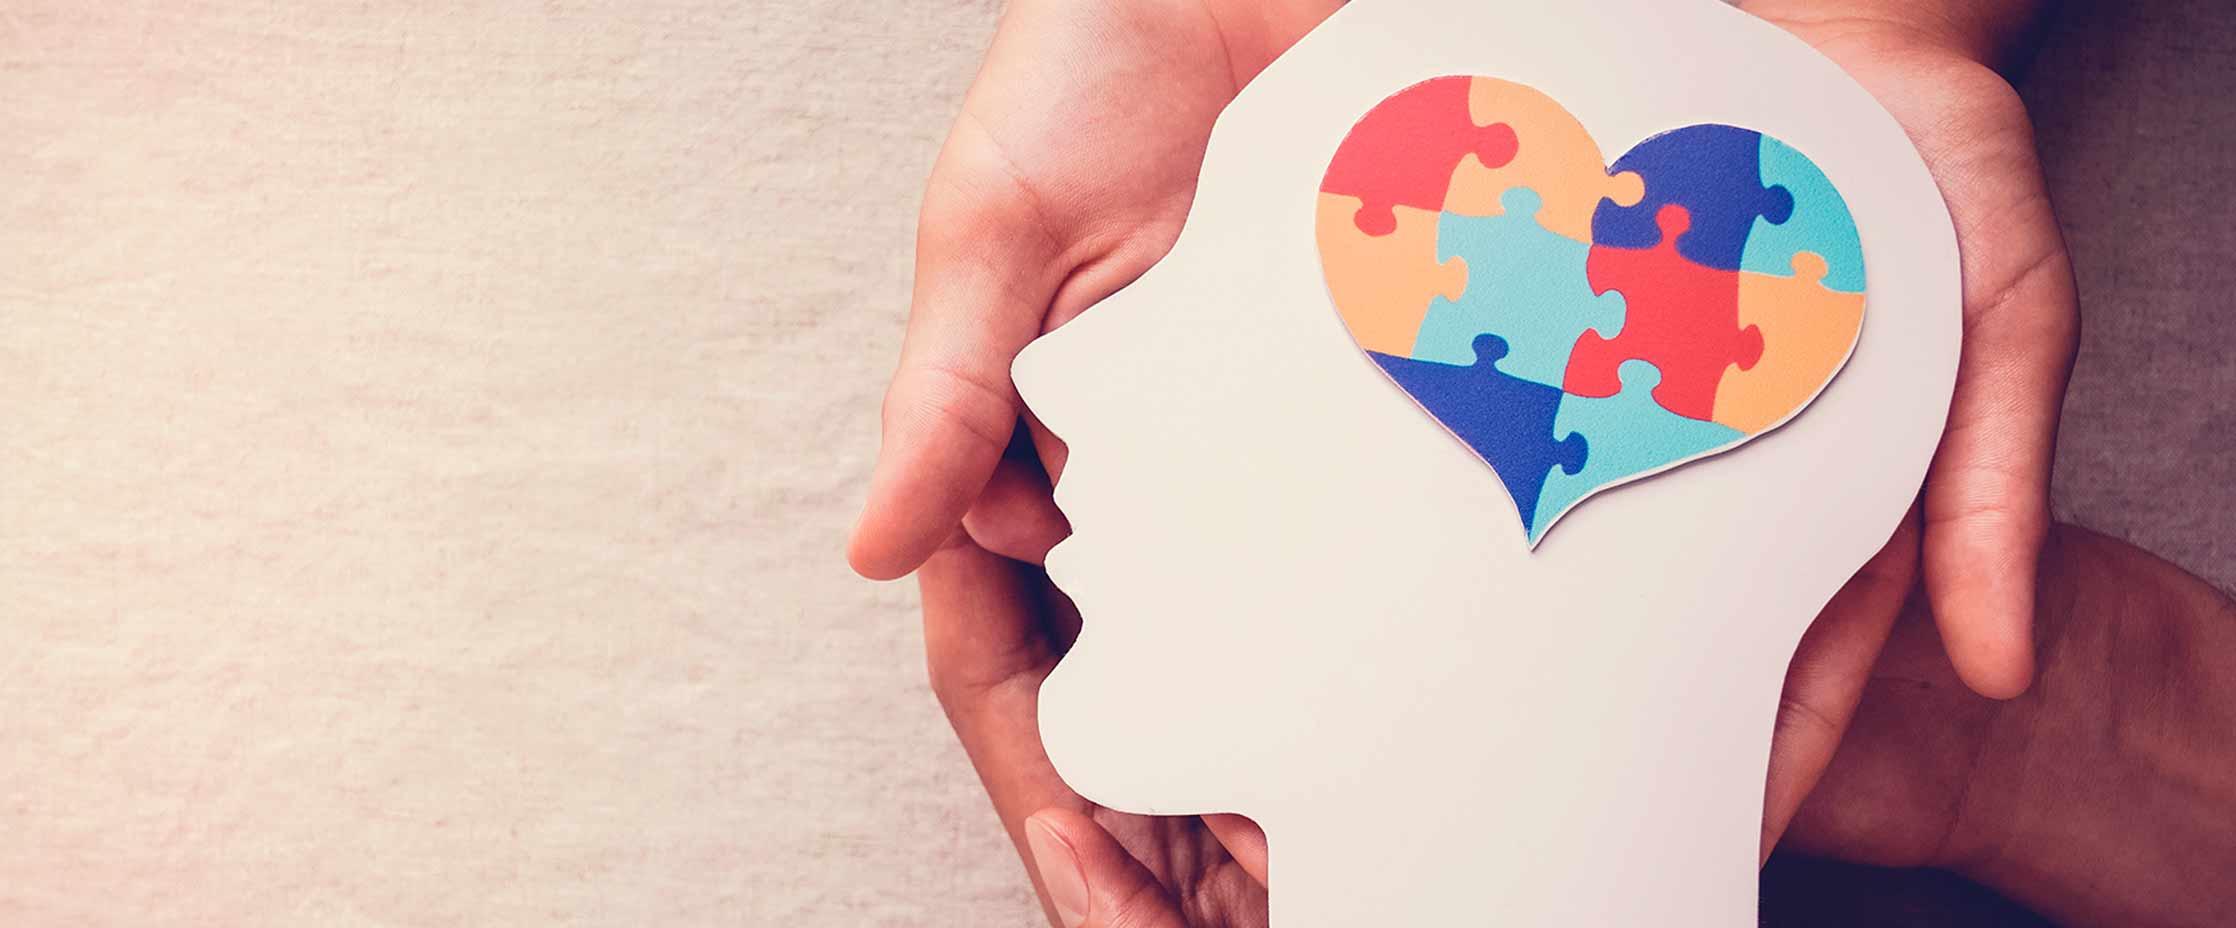 psicologia-benidorm